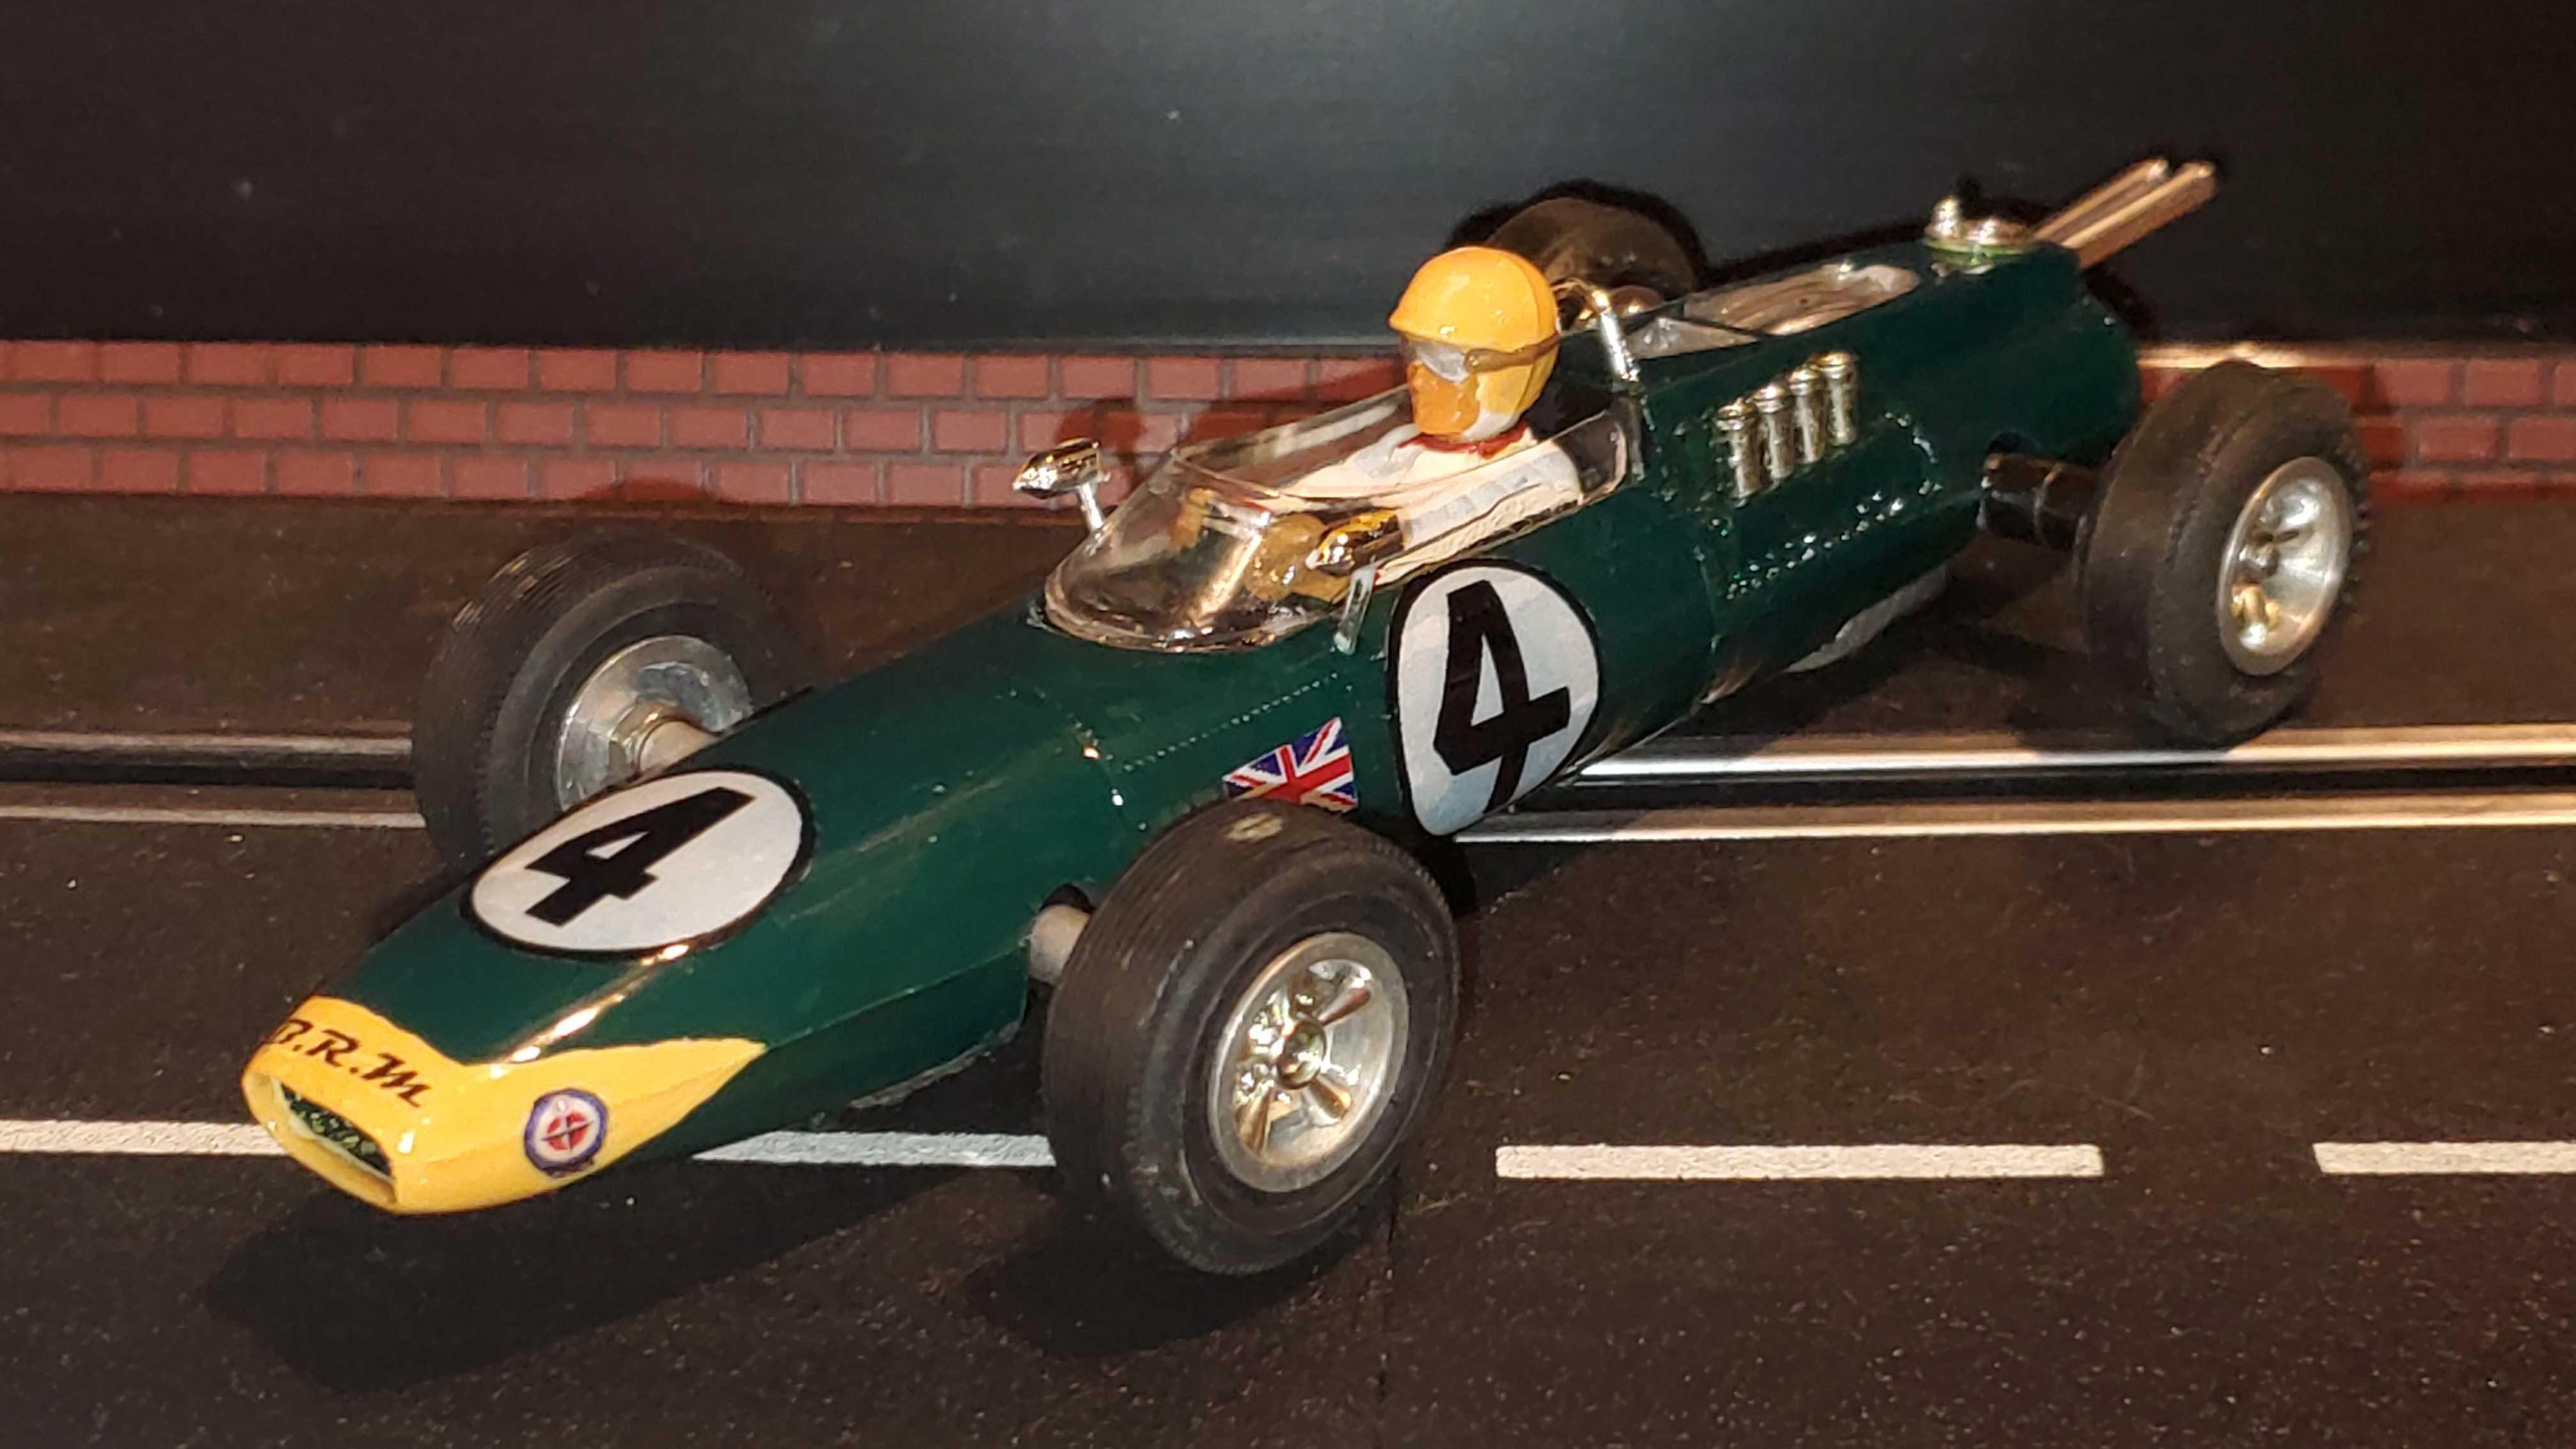 * SALE * ELDON BRM Formula 1 Racer 1:24 Scale Concours Collection Car #4